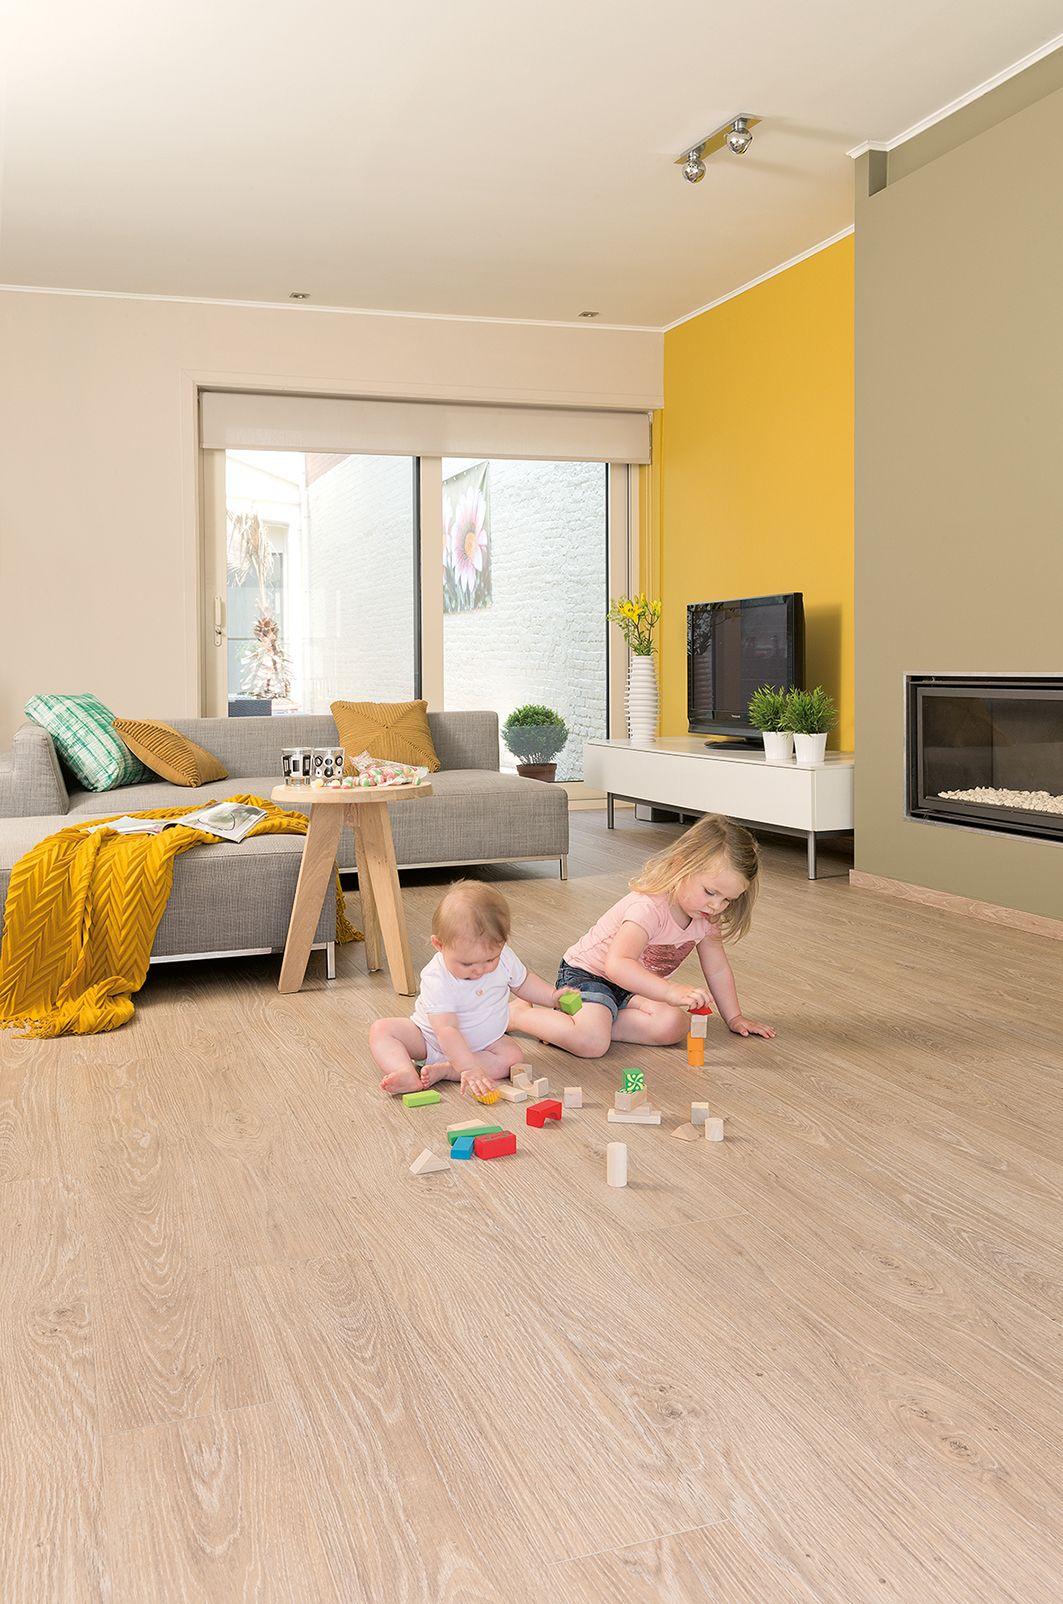 Habitaci n decorada con suelo vin lico de quickstep - Suelos vinilicos infantiles ...